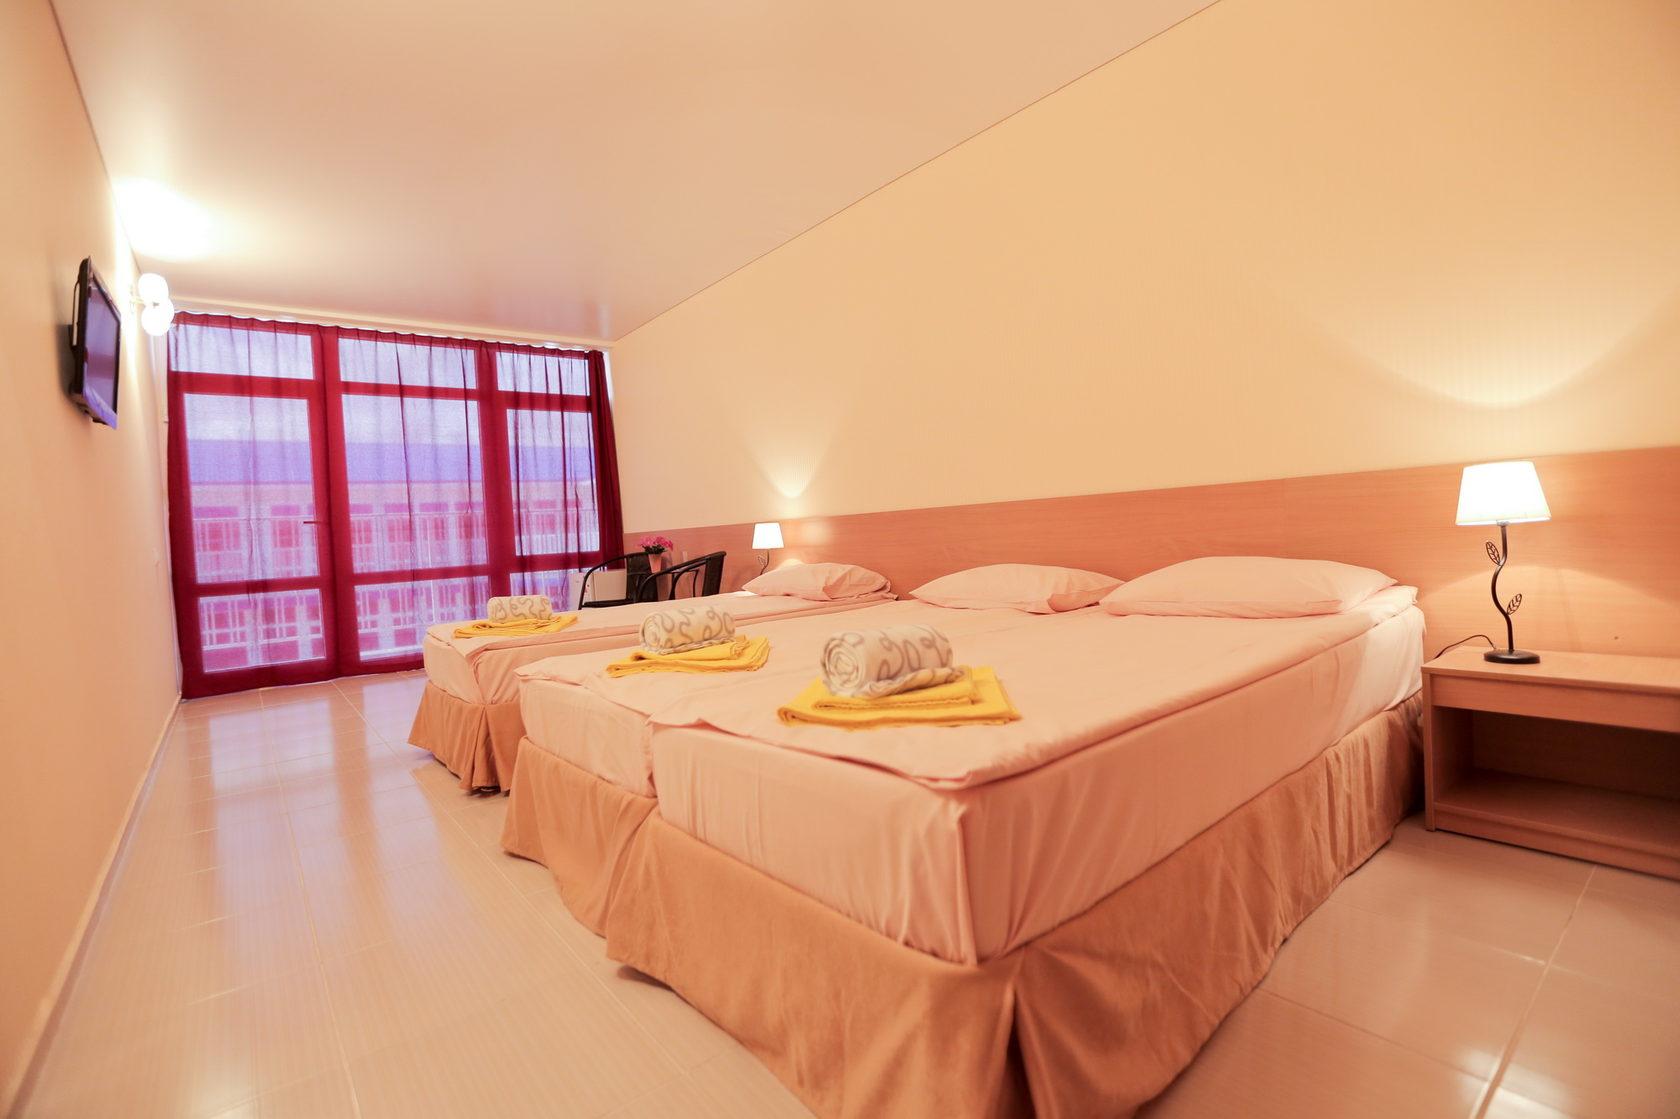 Трехместный номер с панорамными окнами в отеле Марсель (Лермонтово)